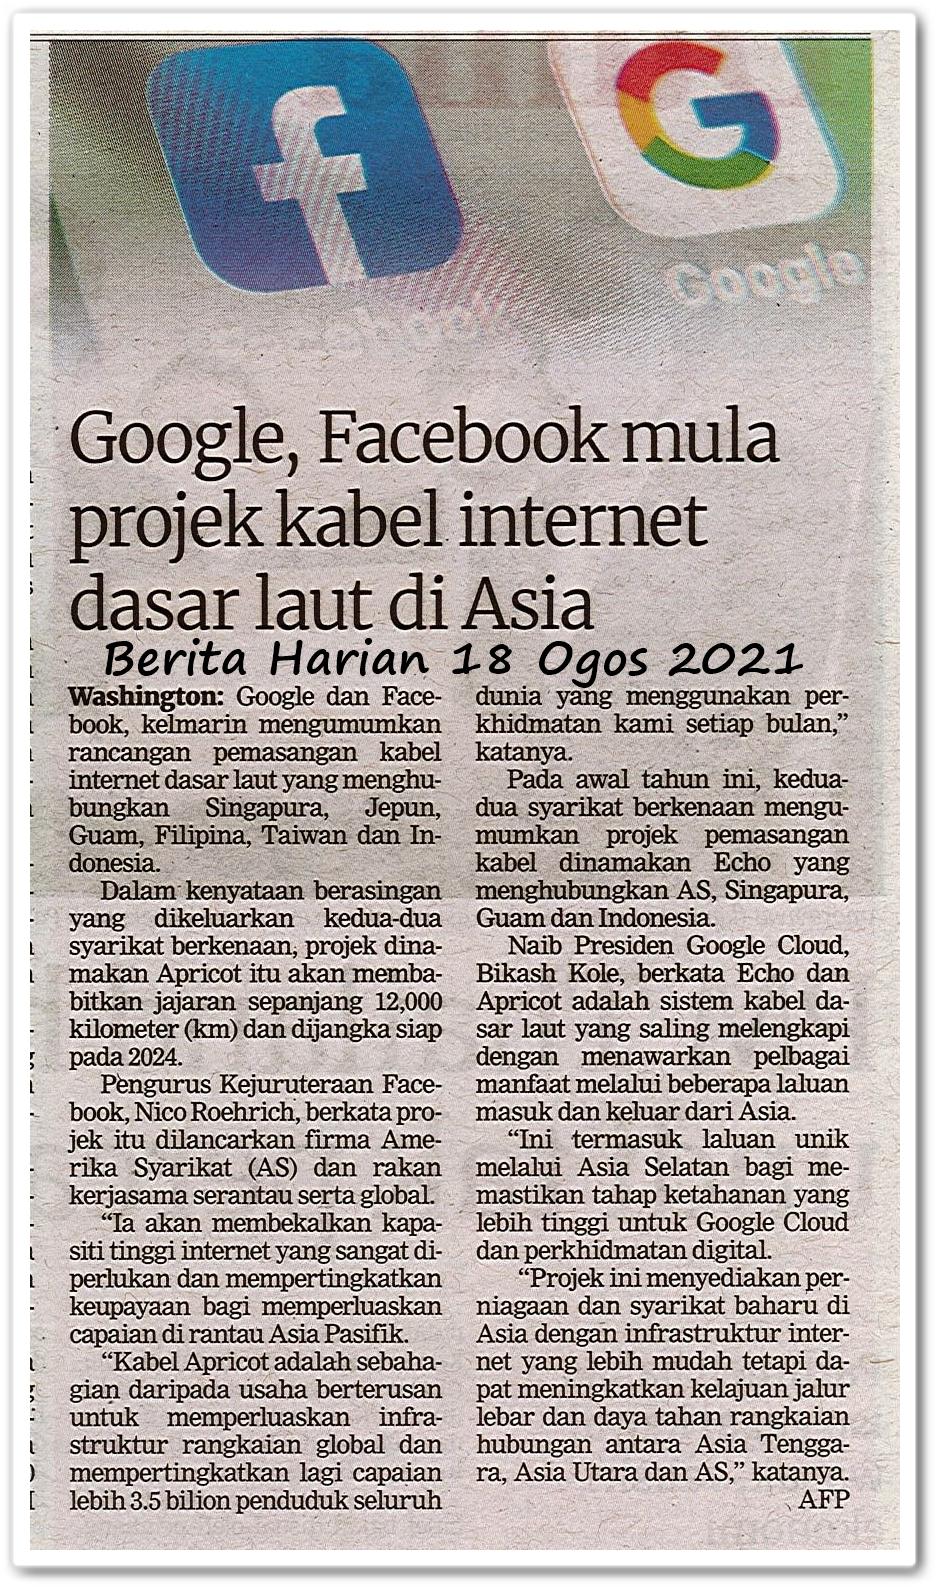 Google, Facebook mula projek kabel internet dasar laut di Asia - Keratan akhbar Berita Harian 18 Ogos 2021